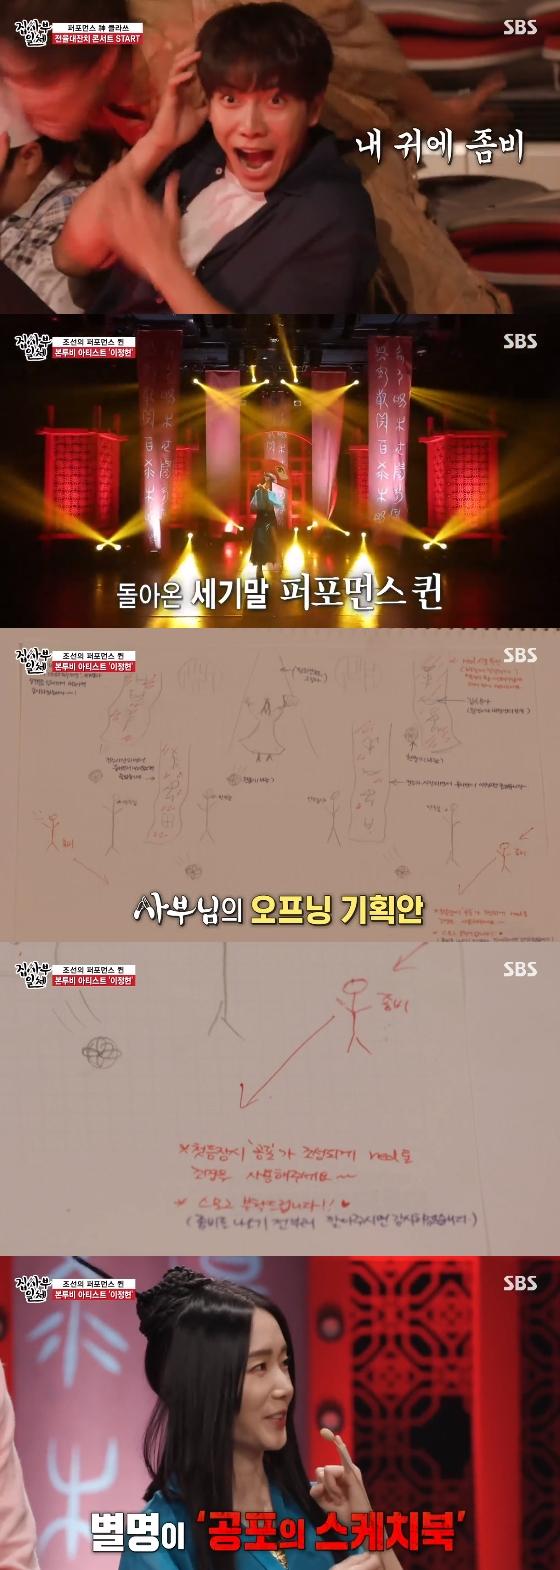 /사진=SBS'집사부일체' 방송 화면 캡처